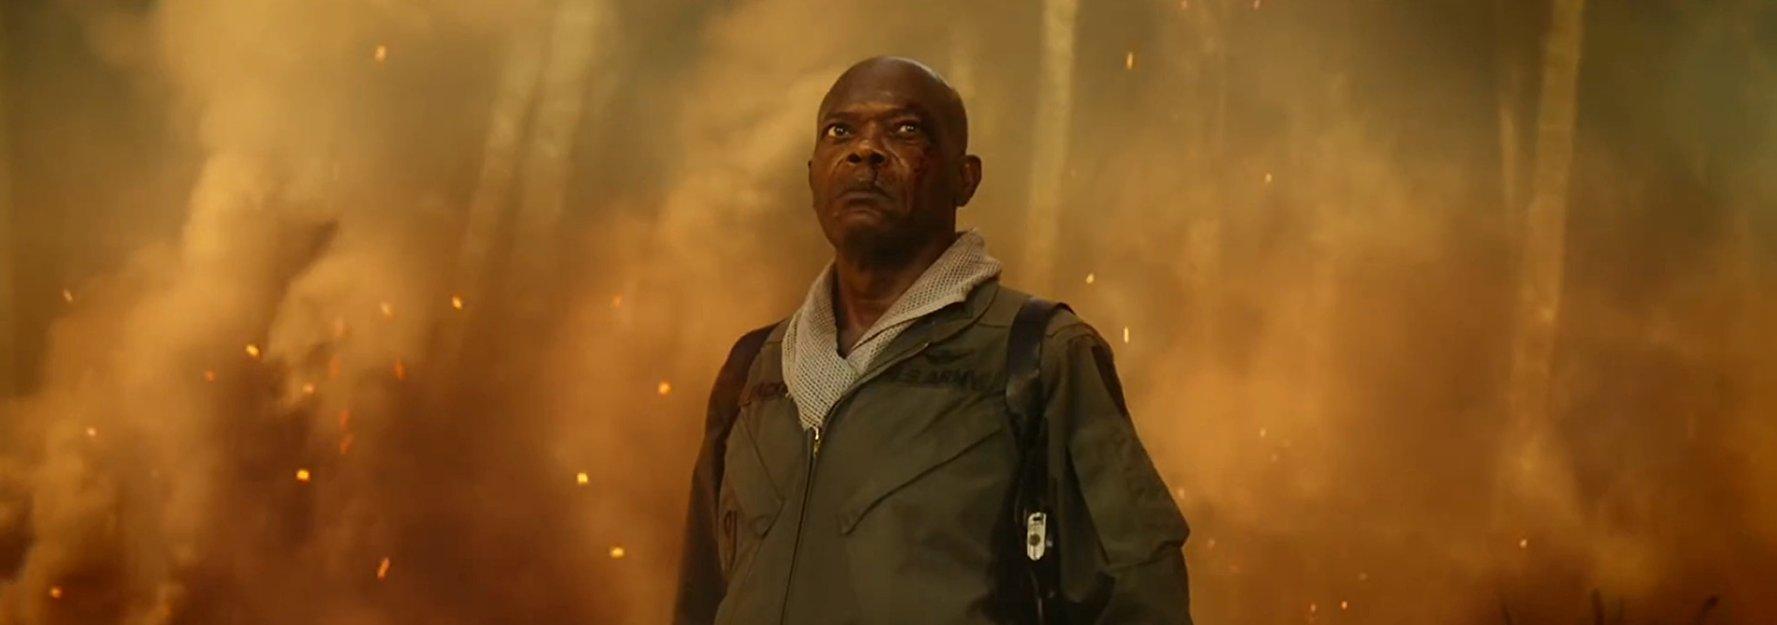 Samuel L. Jackson in Kong: Skull Island (2017)